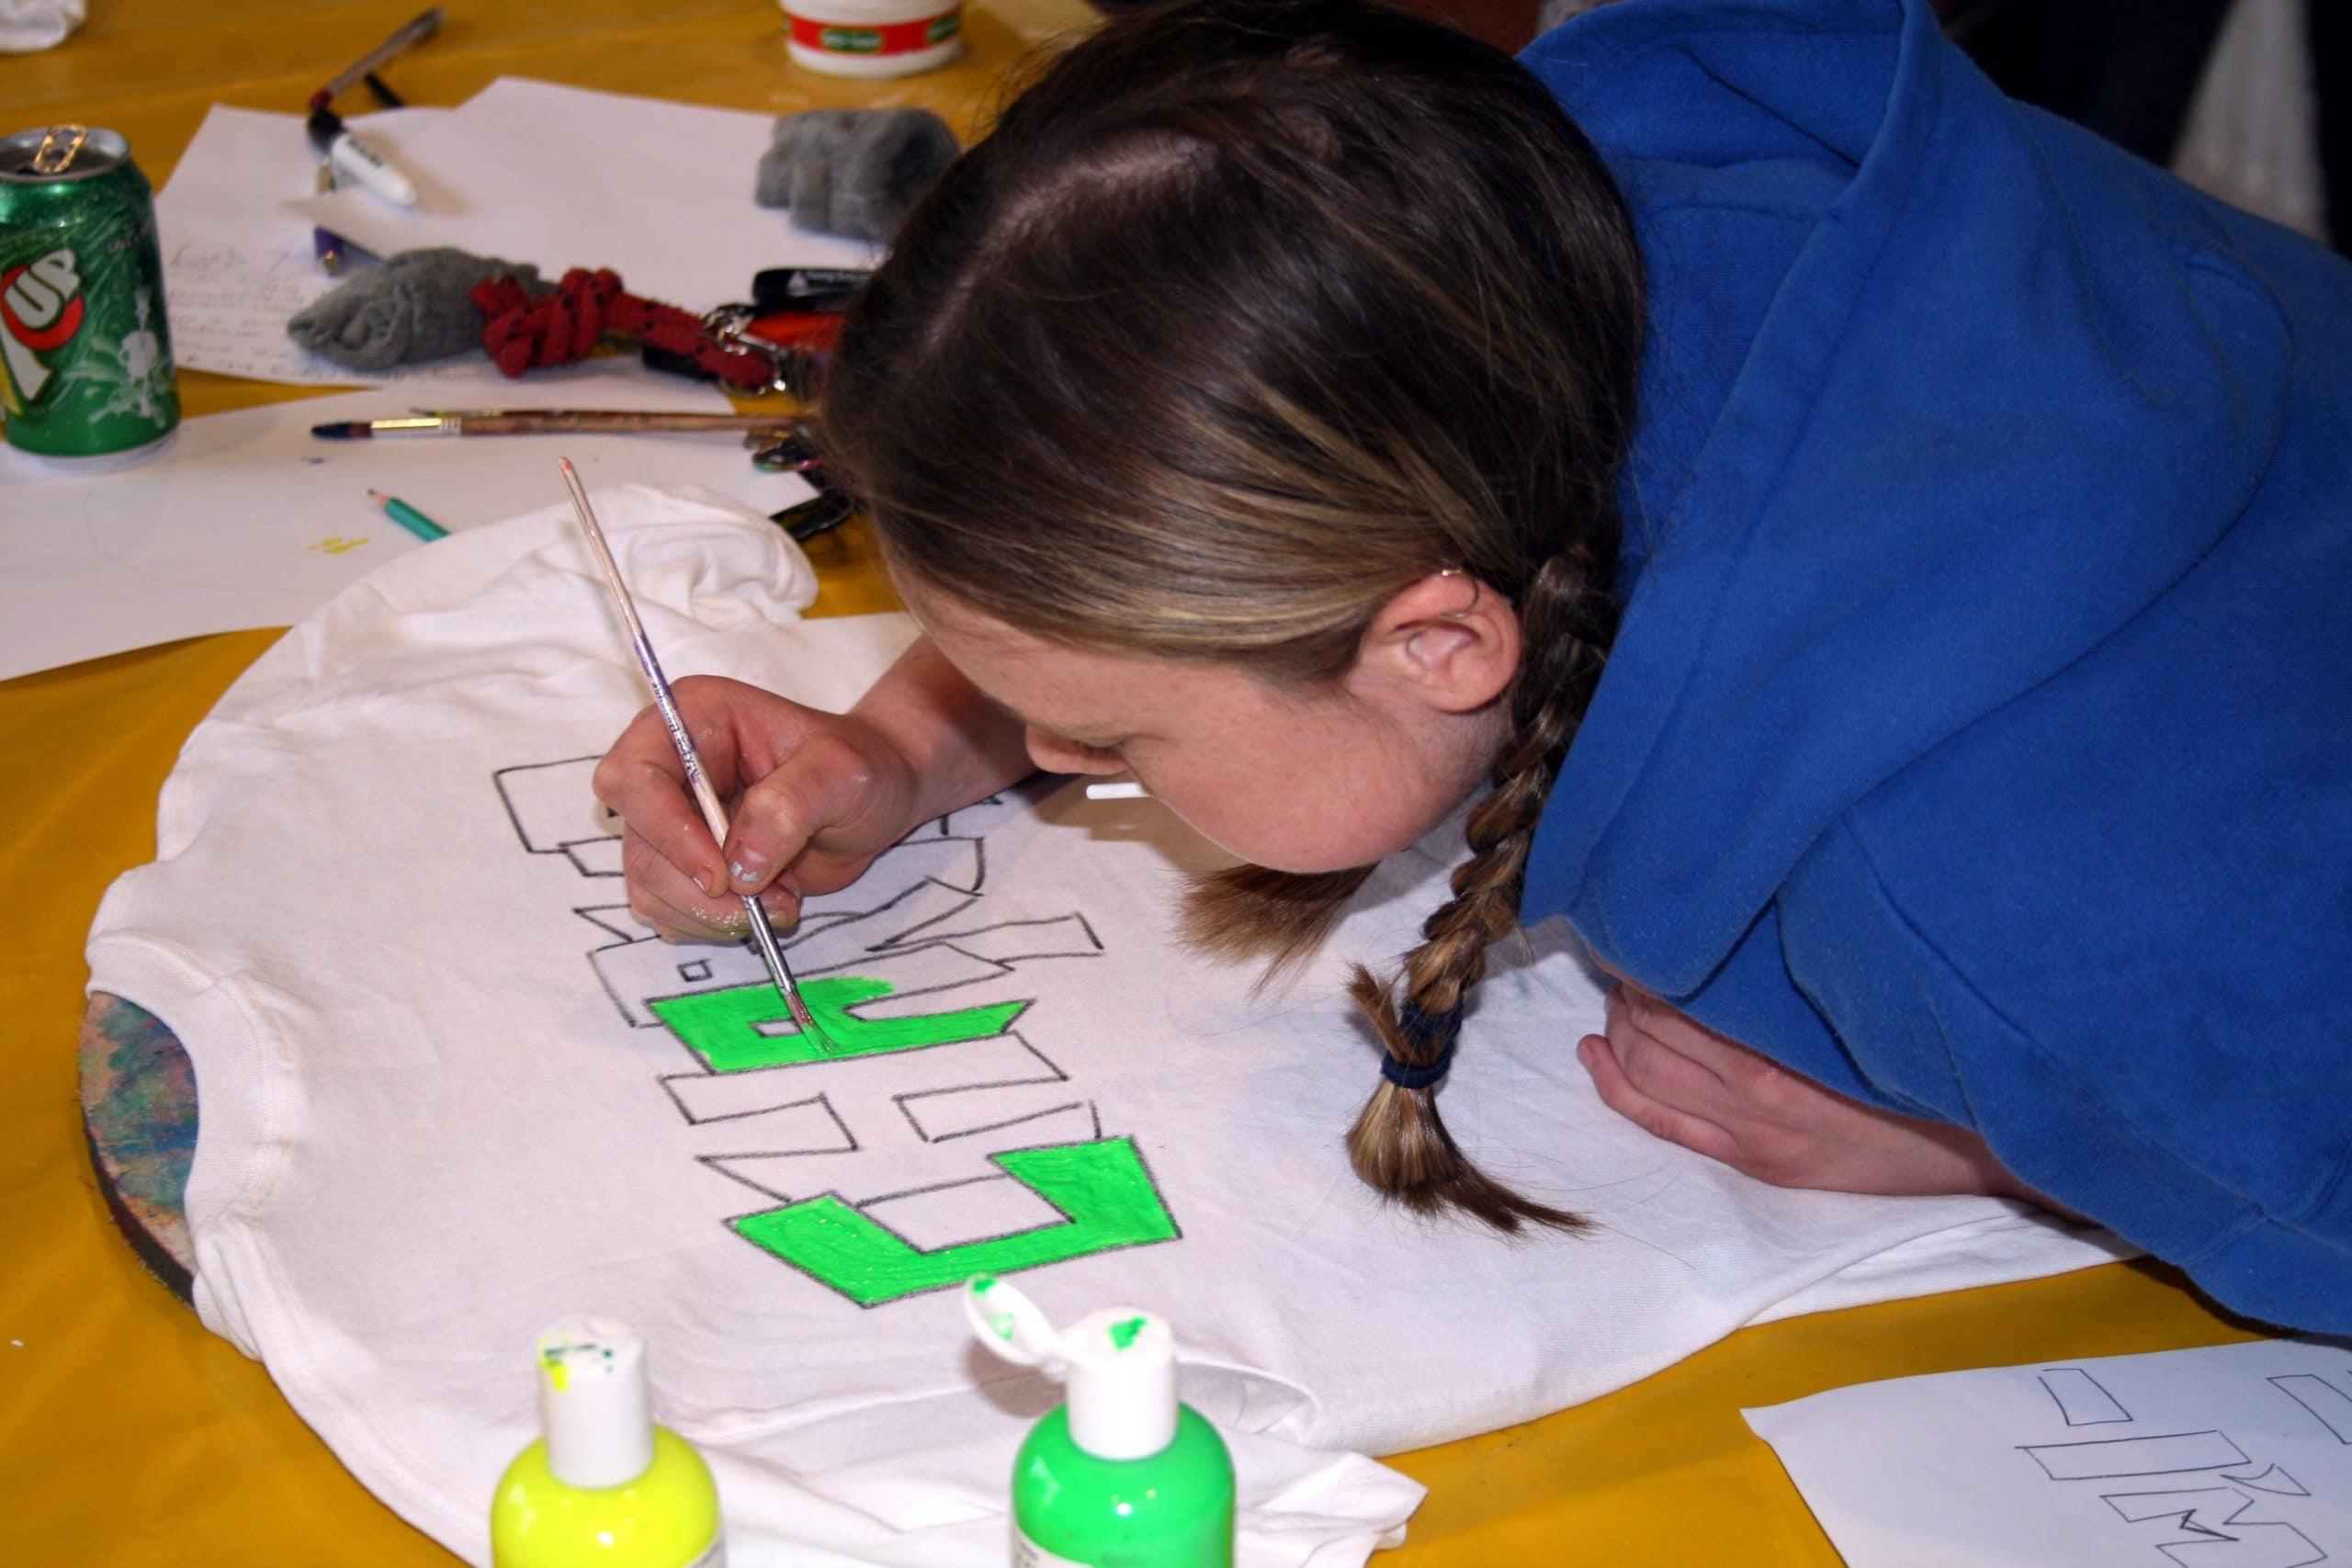 T-shirt Painting - indoor activities for kids